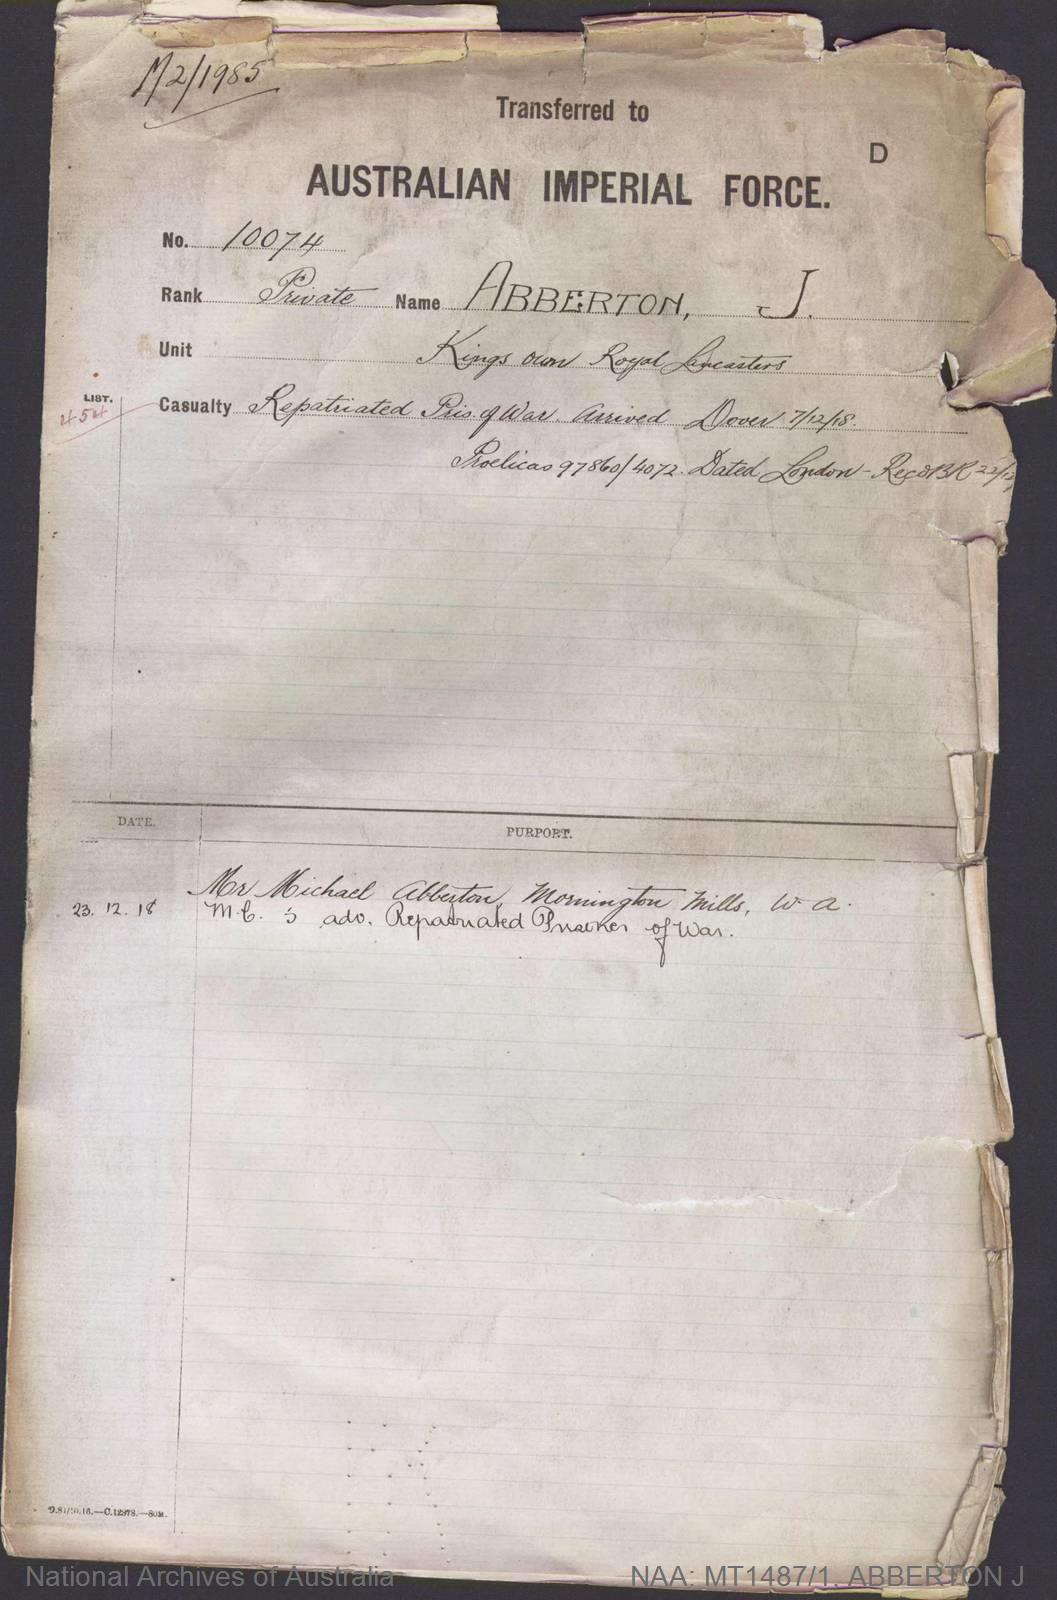 ABBERTON J (Private) - Kings own Royal Lancasters Repatriated prisoner of war